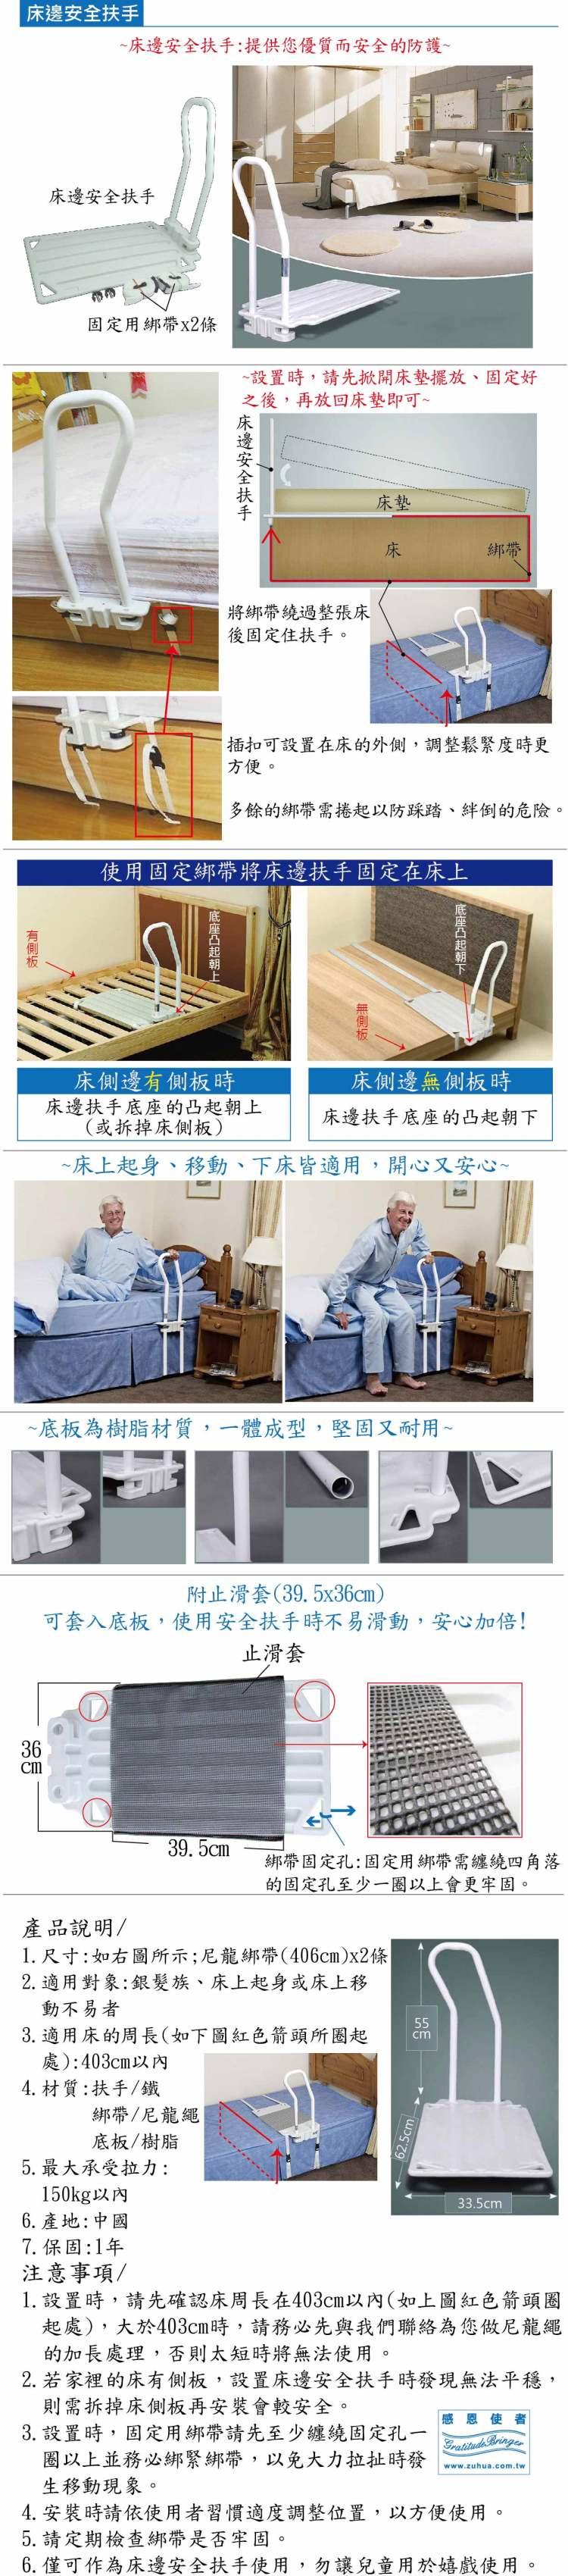 床邊扶手、安全扶手、床上起身用,方便、耐用、堅固、實用。銀髮族、床上起身不易、床上自行移動不易者適用。